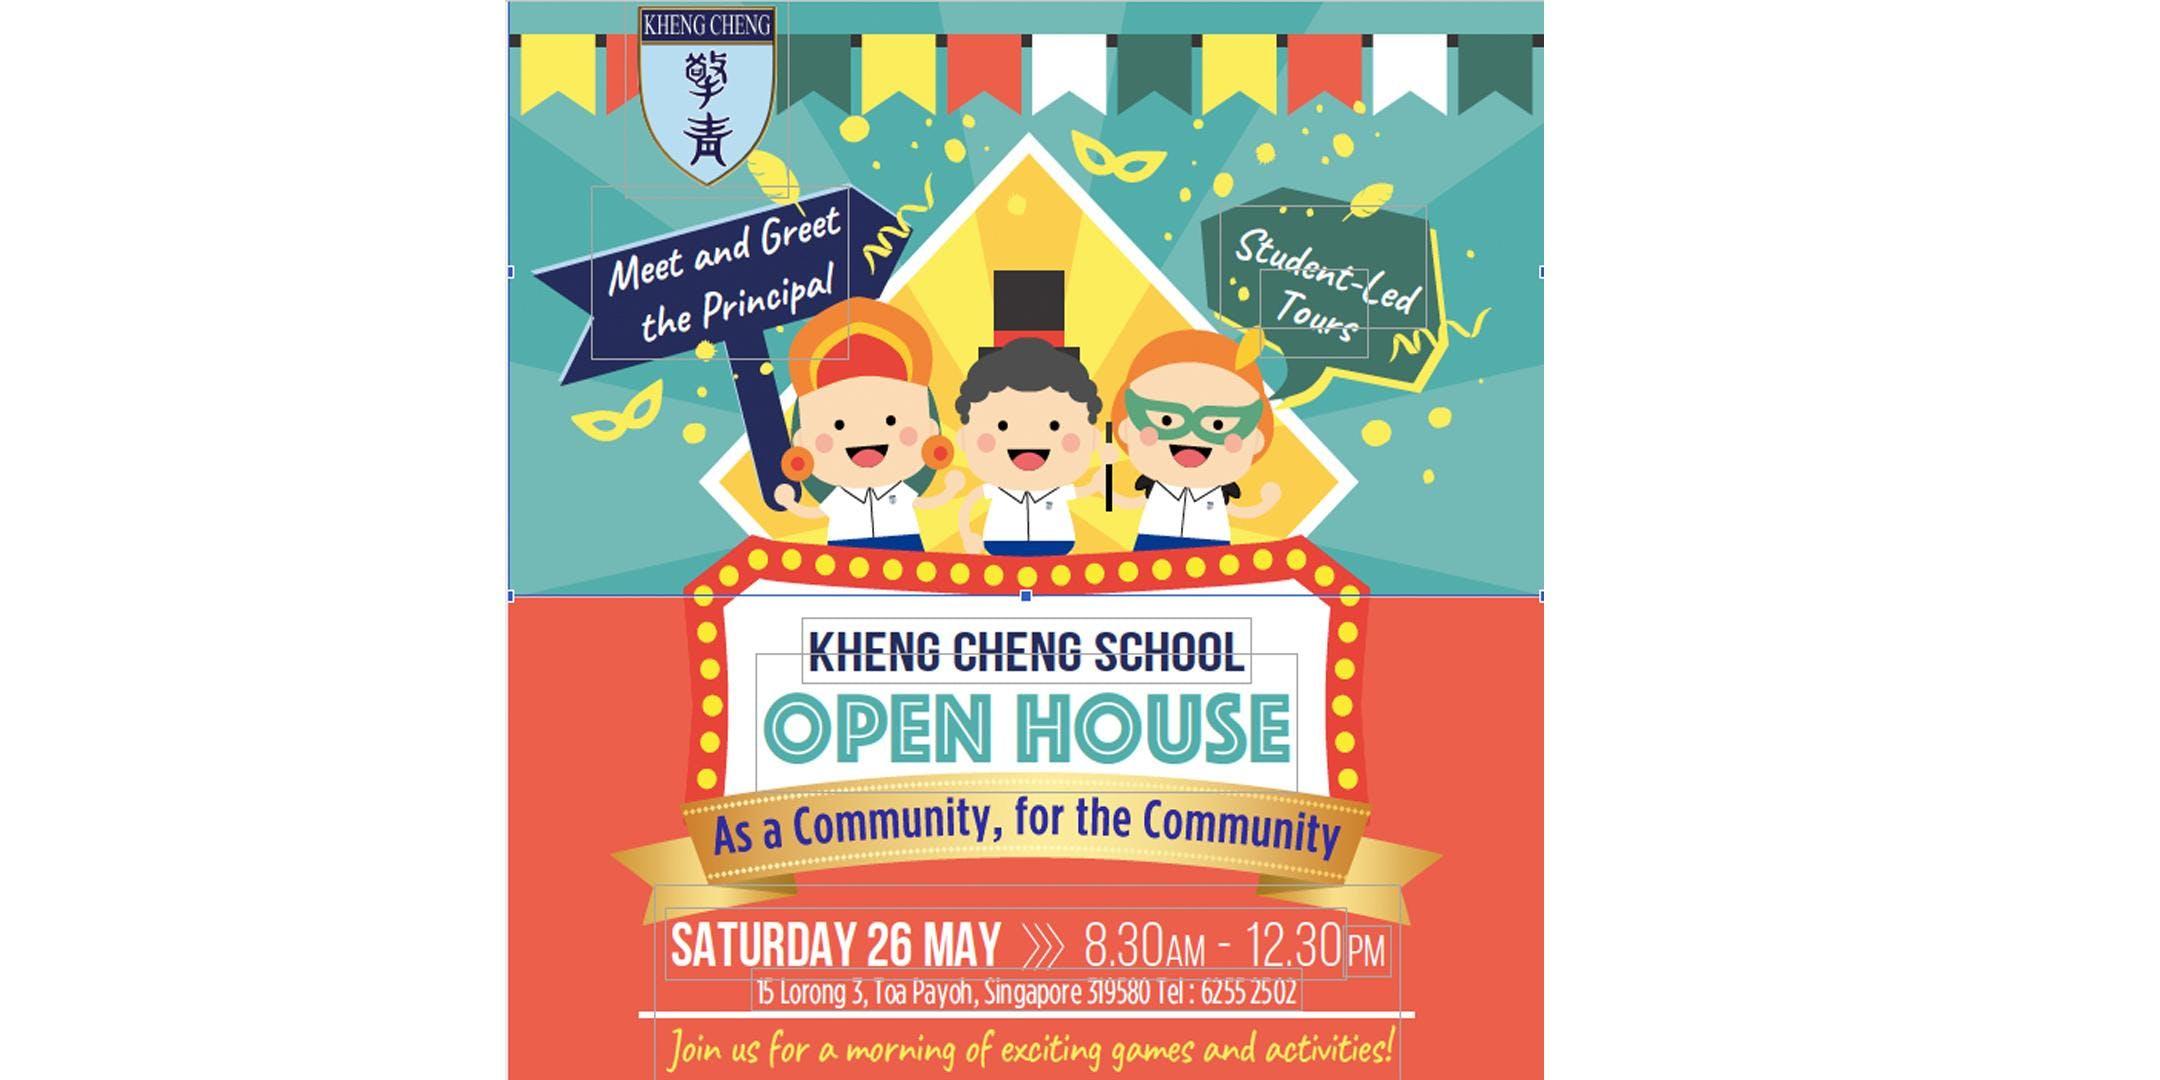 Kheng Cheng School Open House 2018